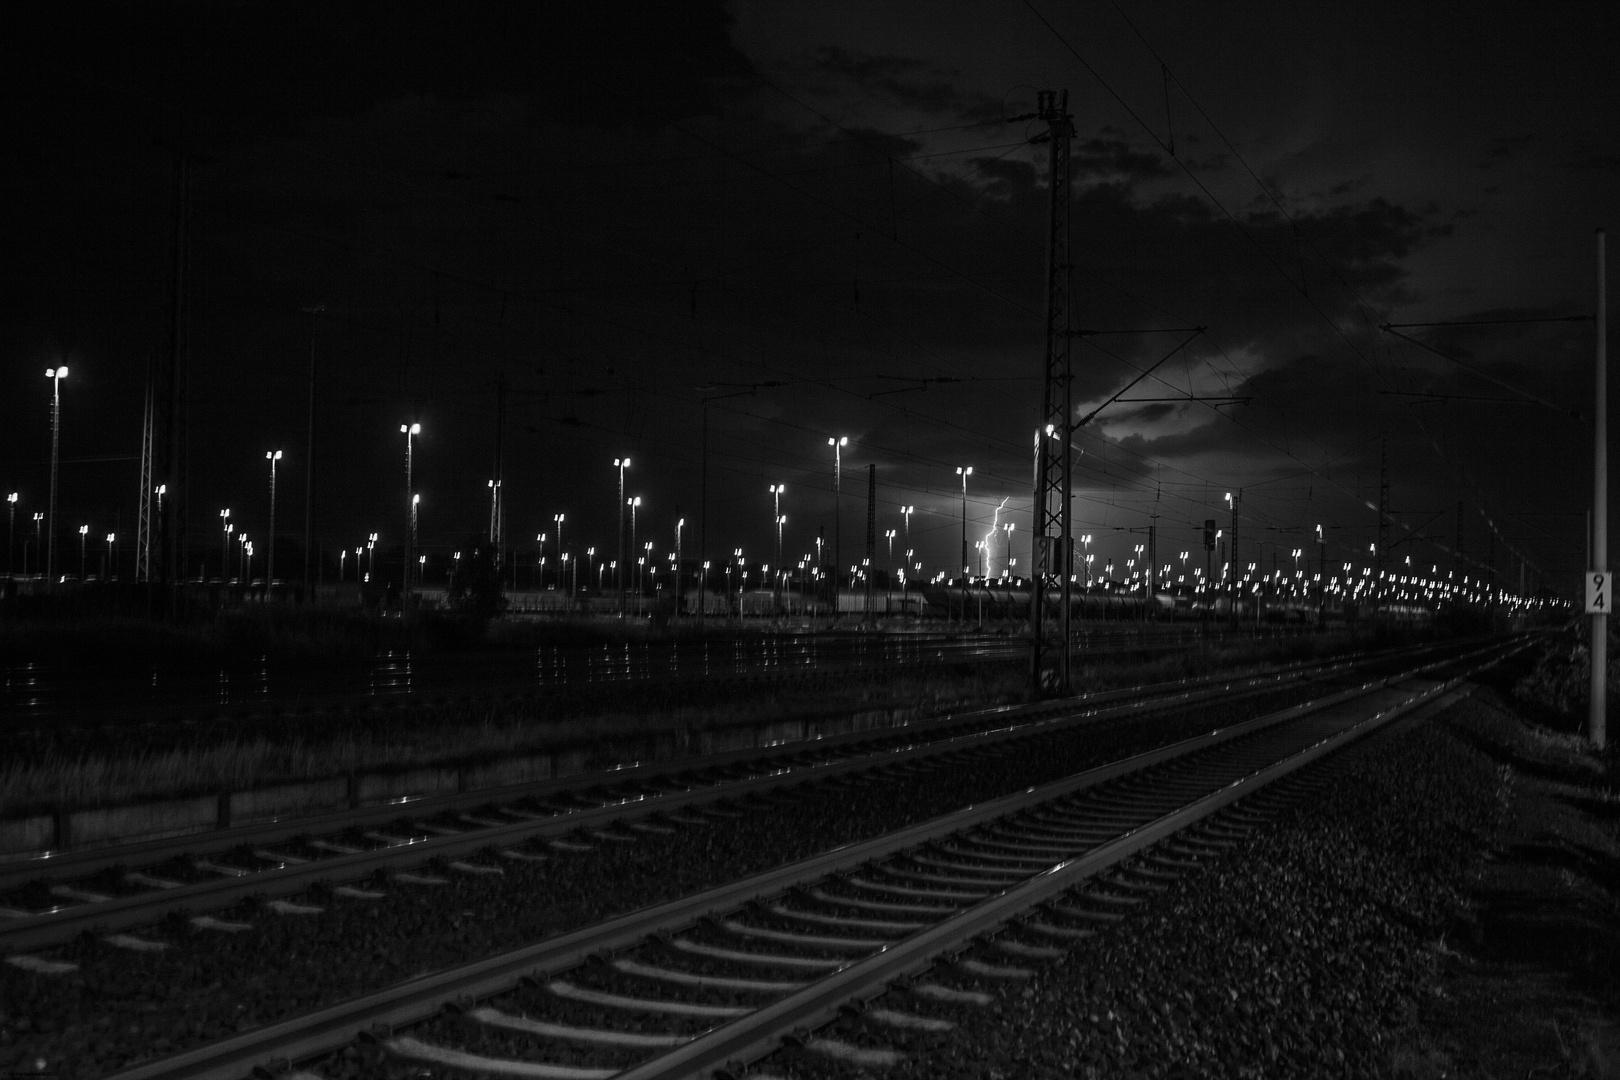 Güterbahnhof vom Blitz getroffen